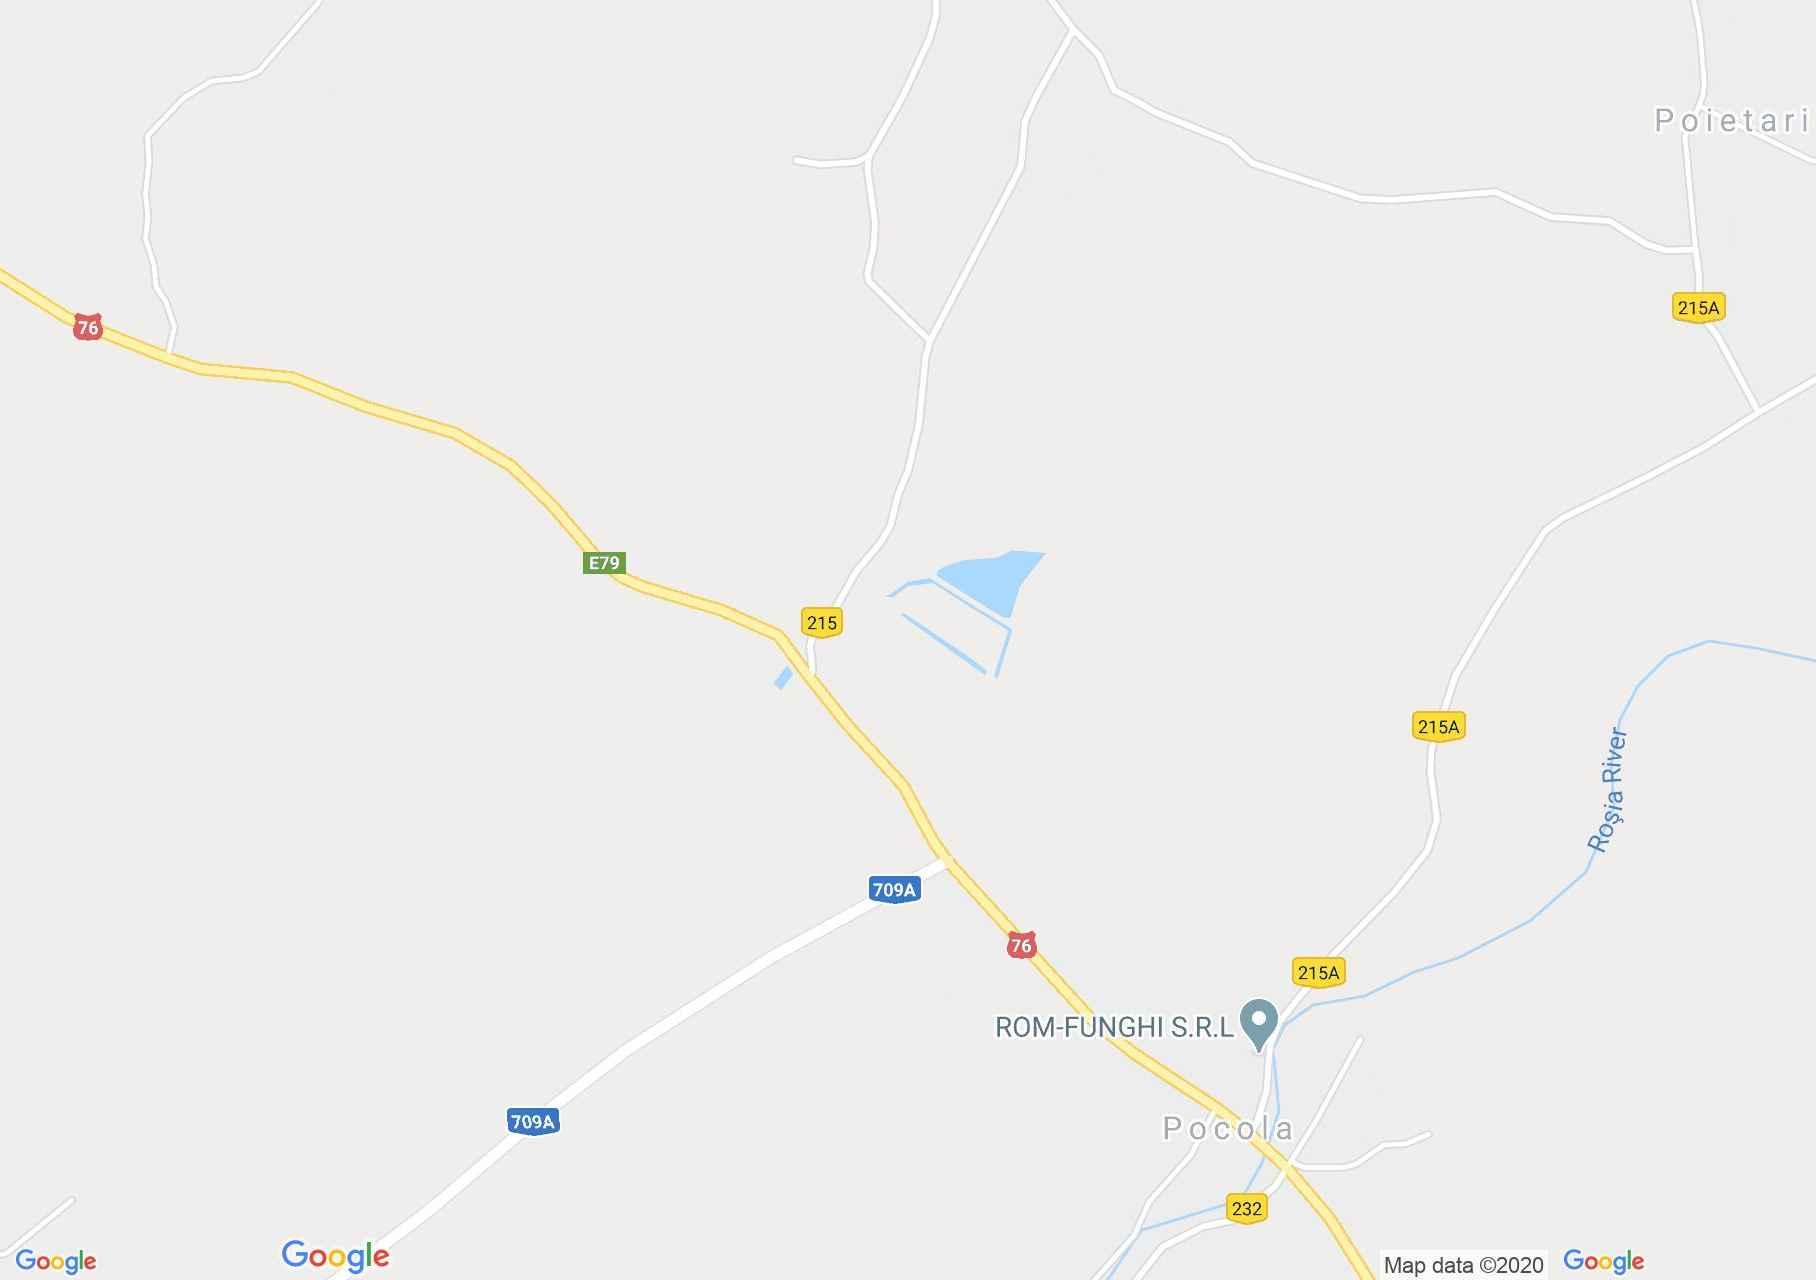 Pocola, Harta turistică interactivă